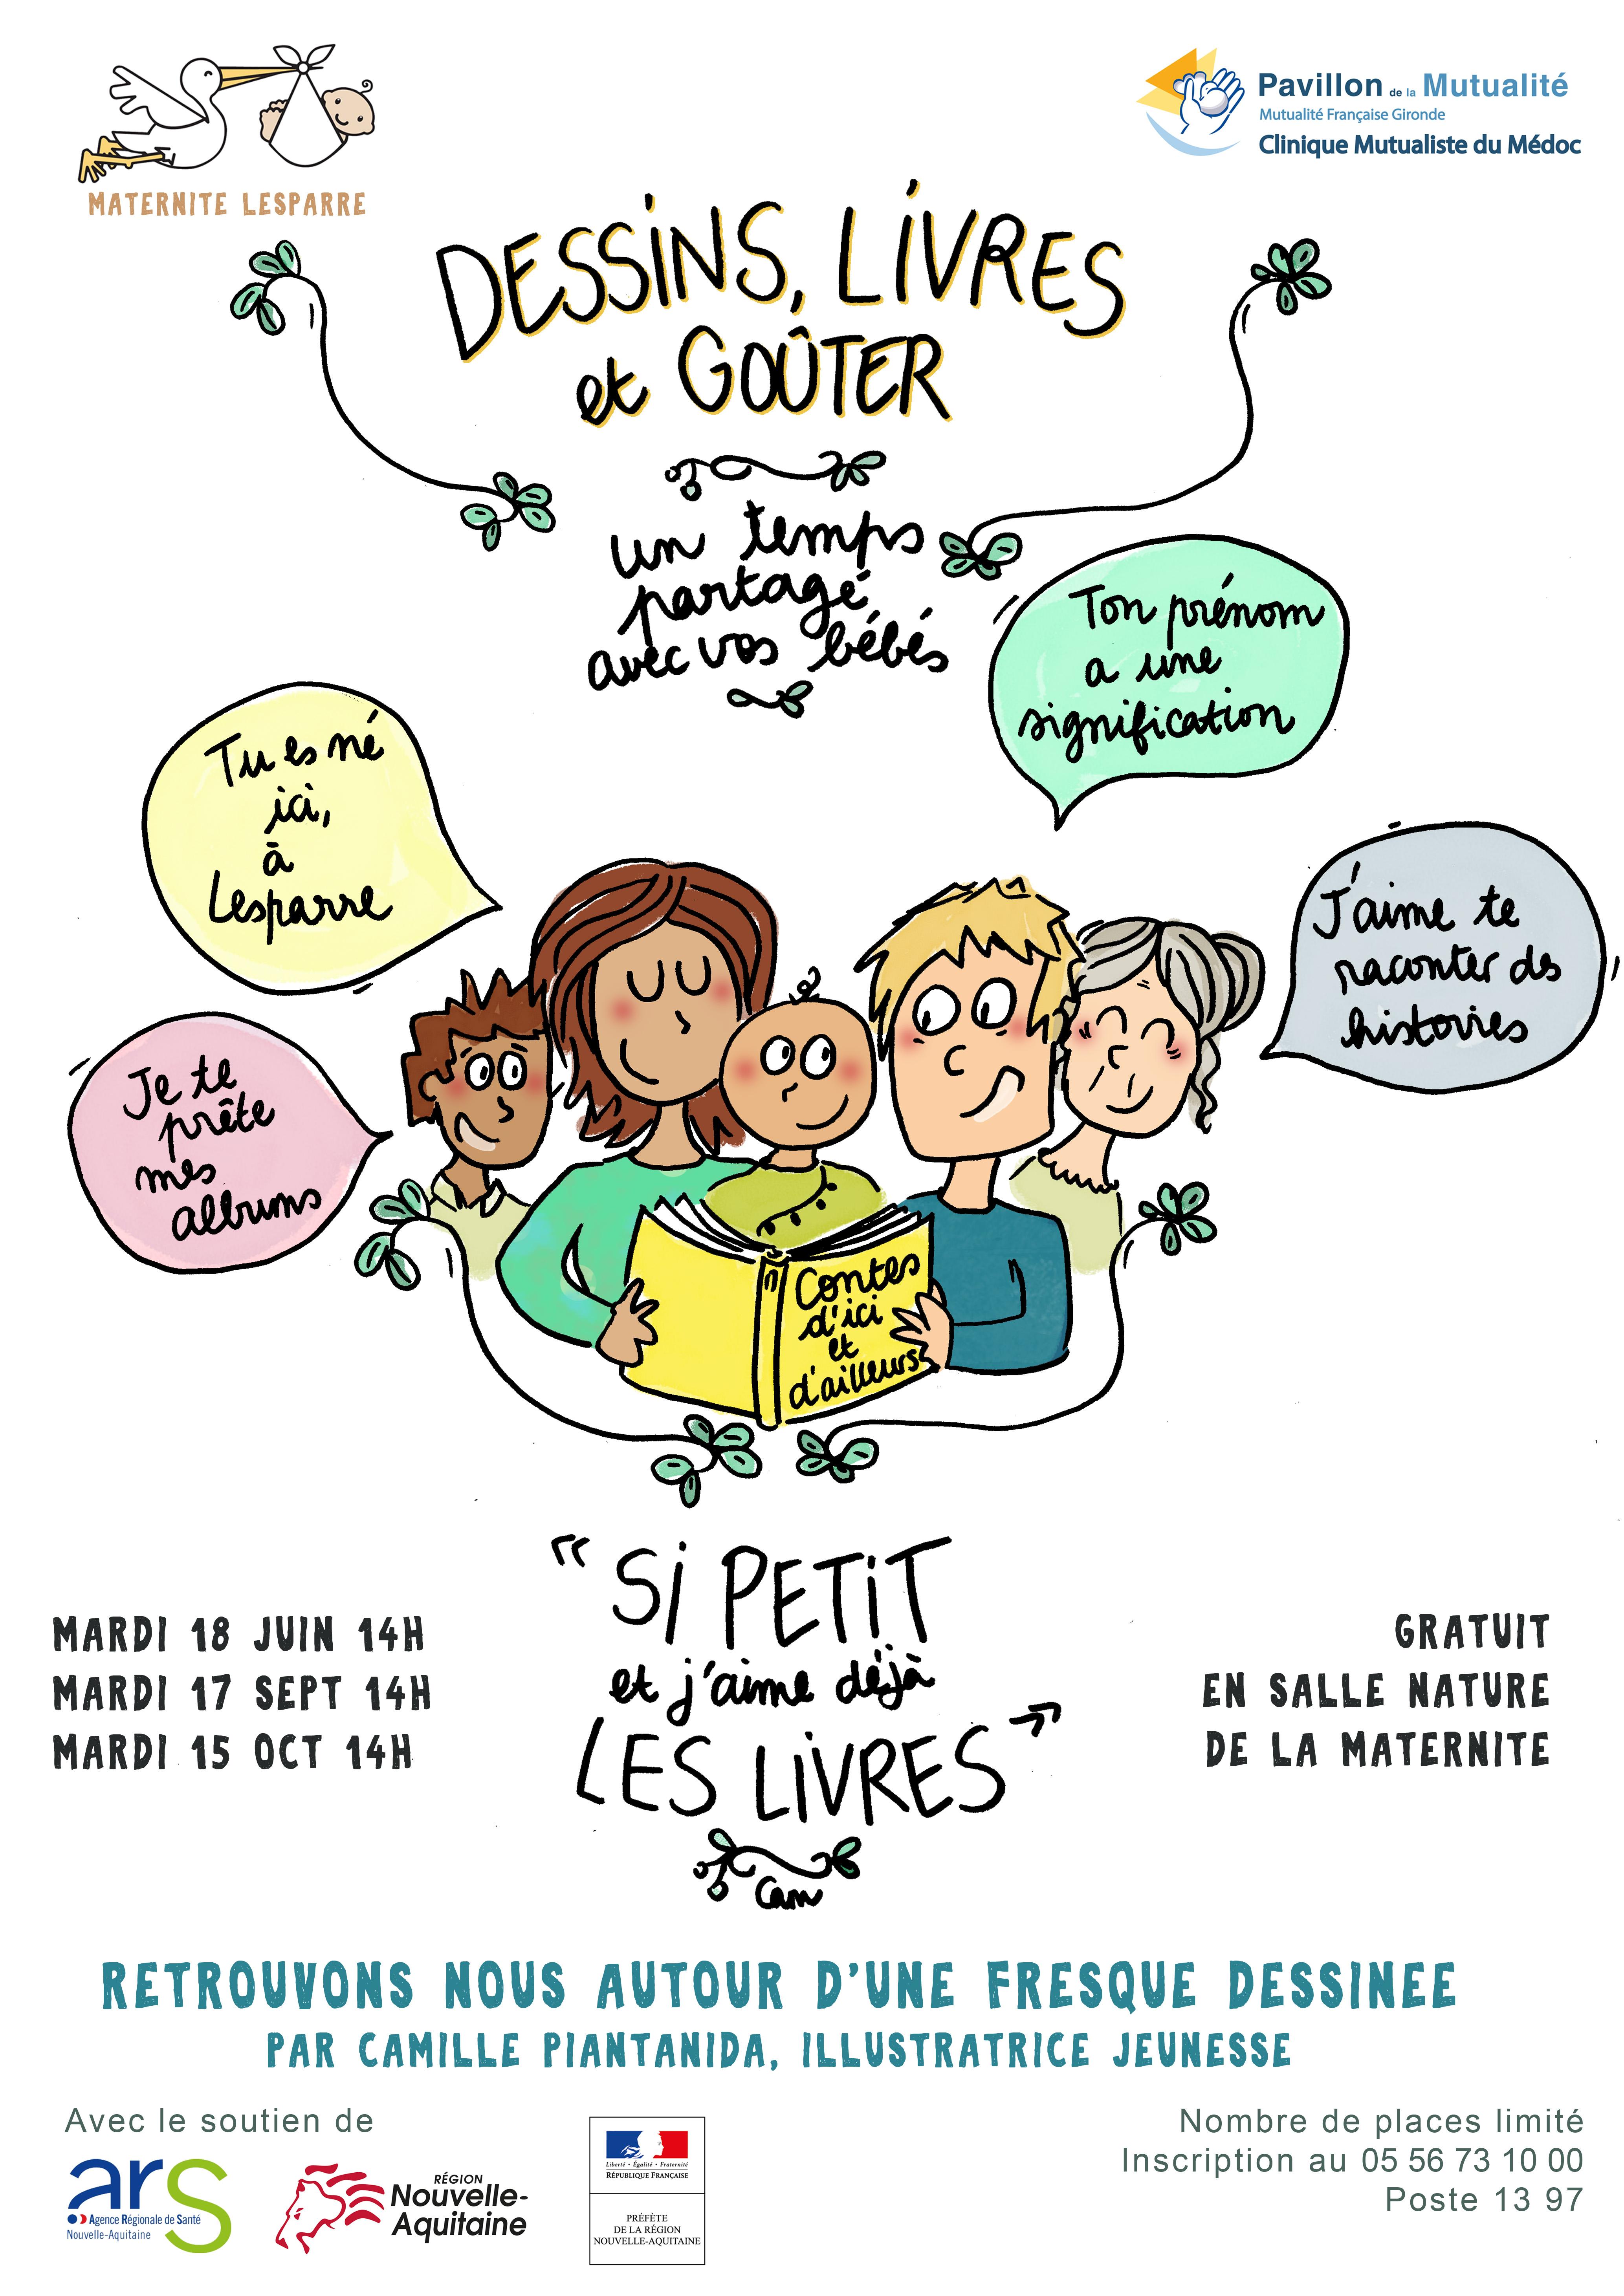 ateliers dessins, lecture et goûter maternité de Lesparre